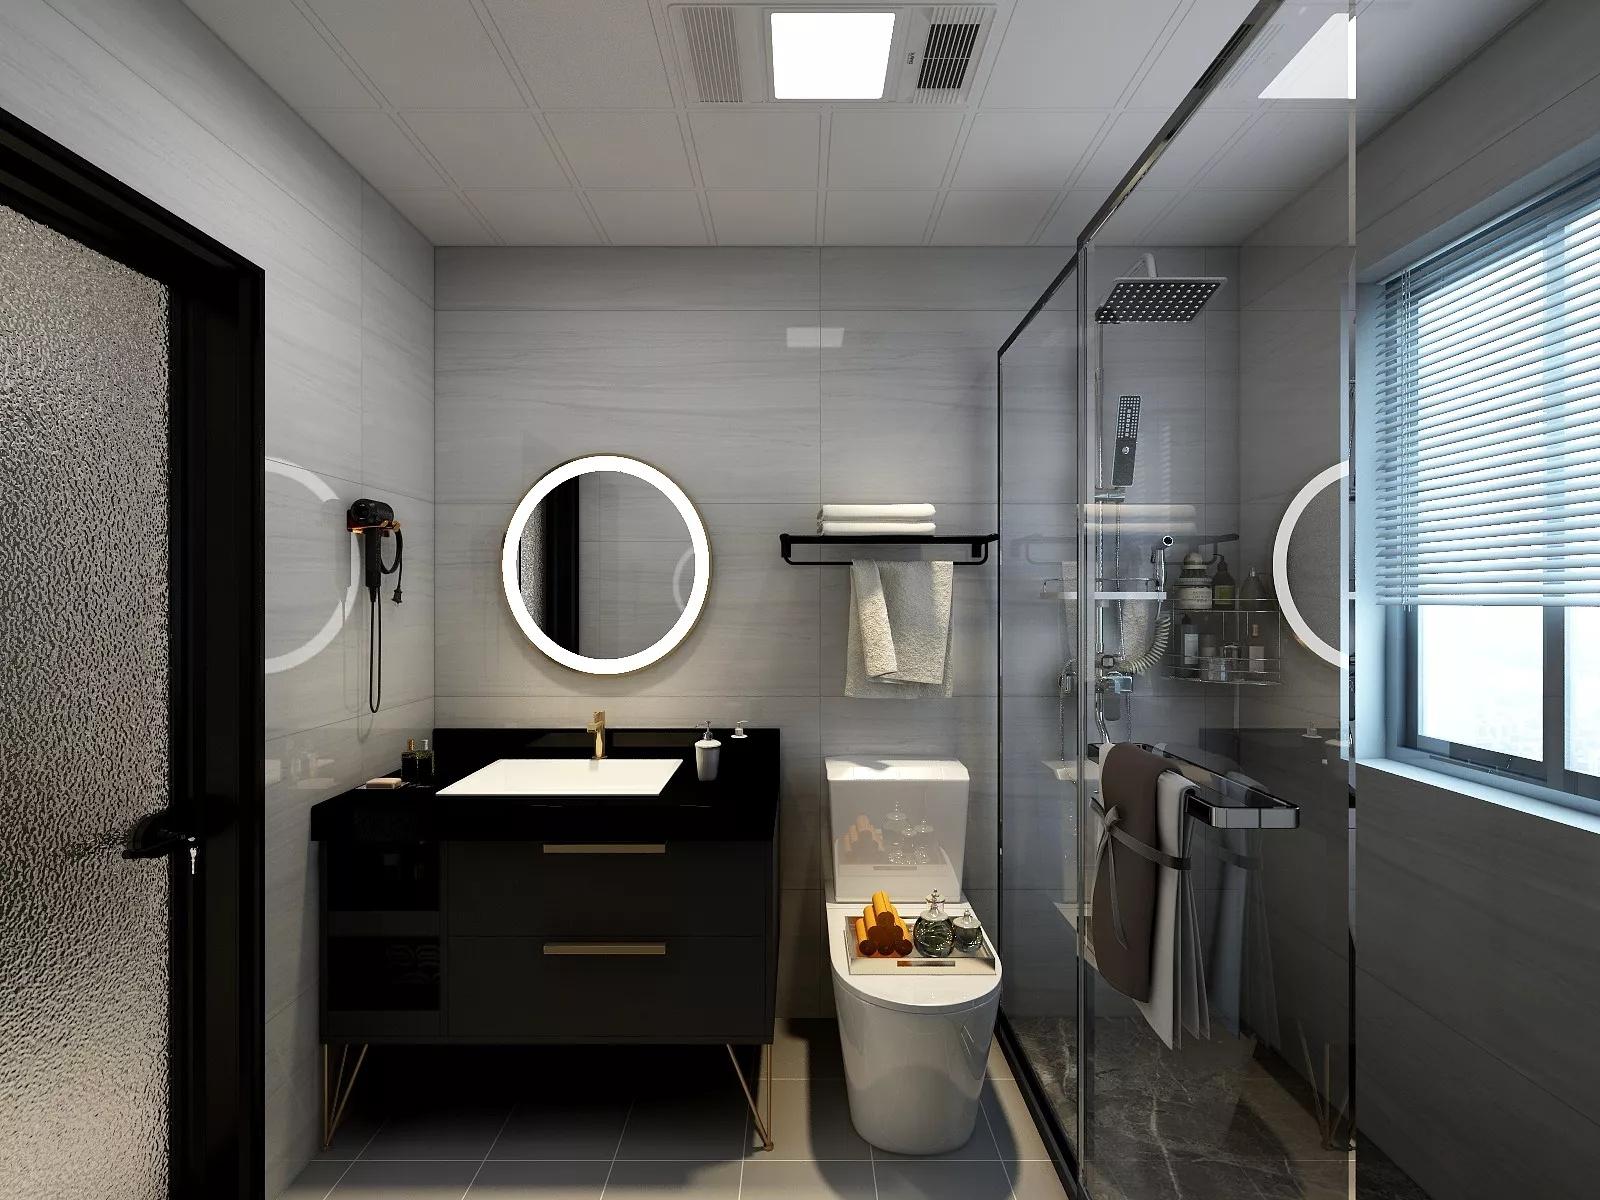 烤漆板橱柜优缺点有哪些 烤漆板橱柜如何安装